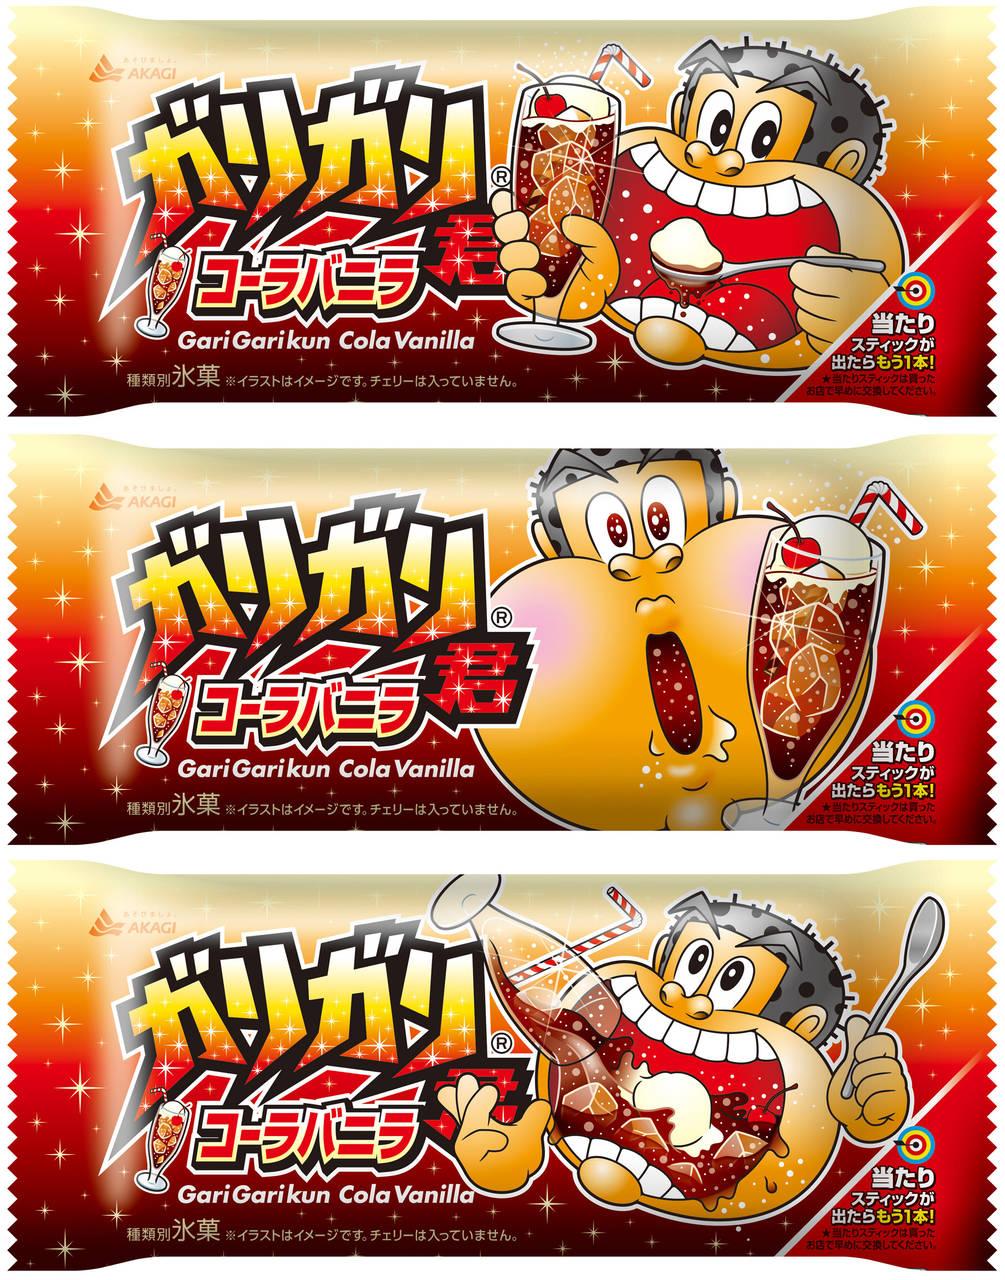 『ポケモン』×『ガリガリくん』3